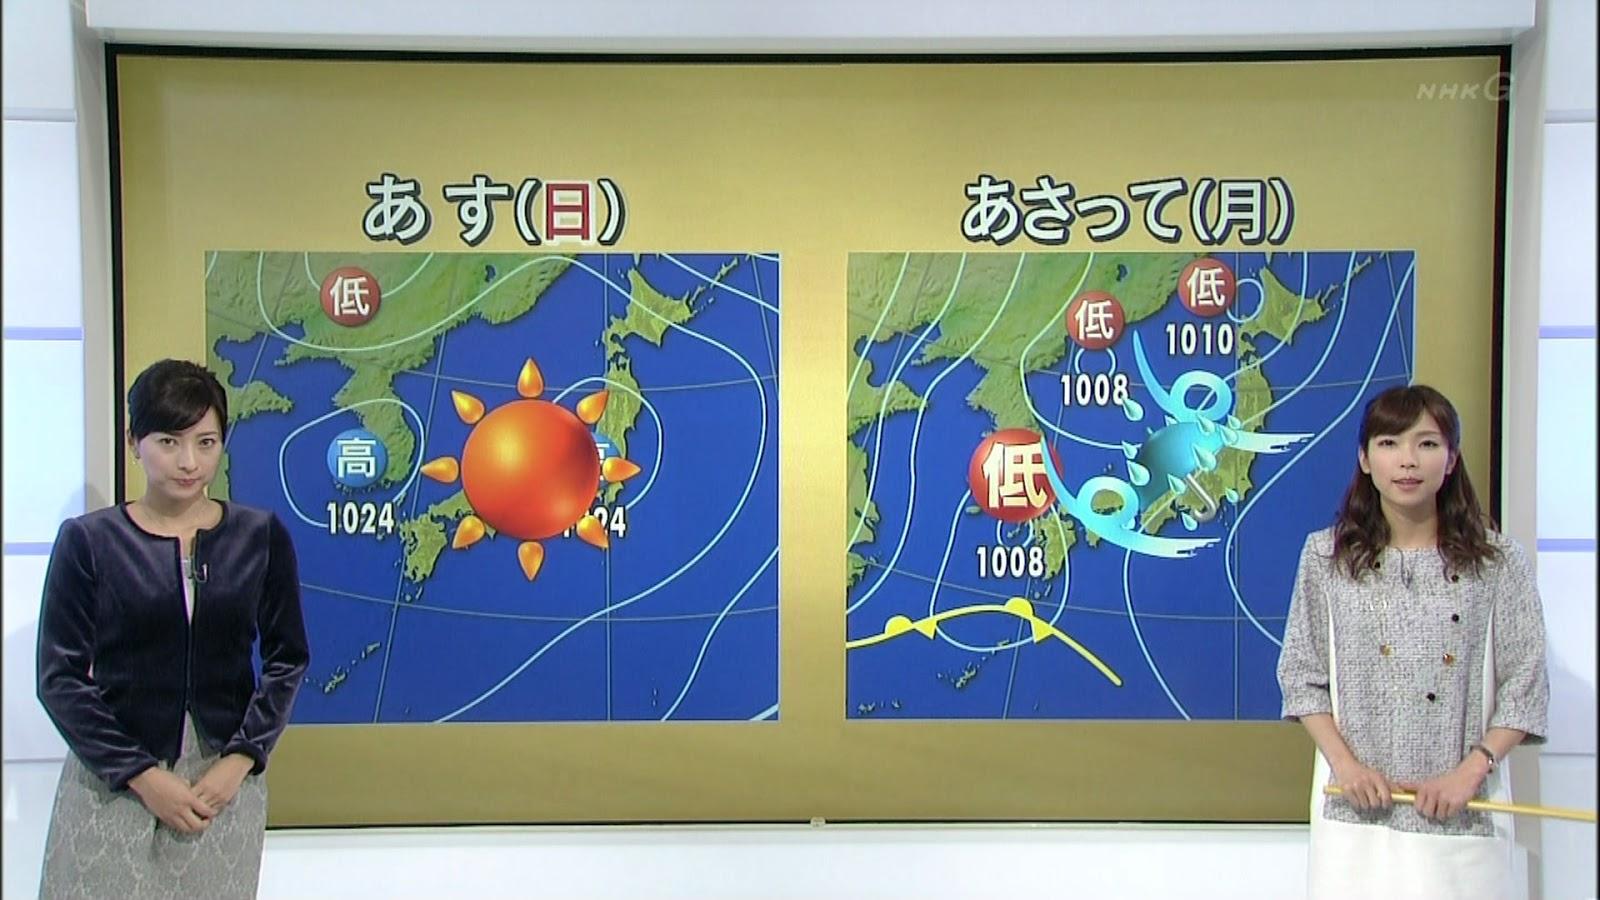 寺川奈津美さん 12年11月24日 NHKニュース7気象情報  きょうの寺川奈津美さん